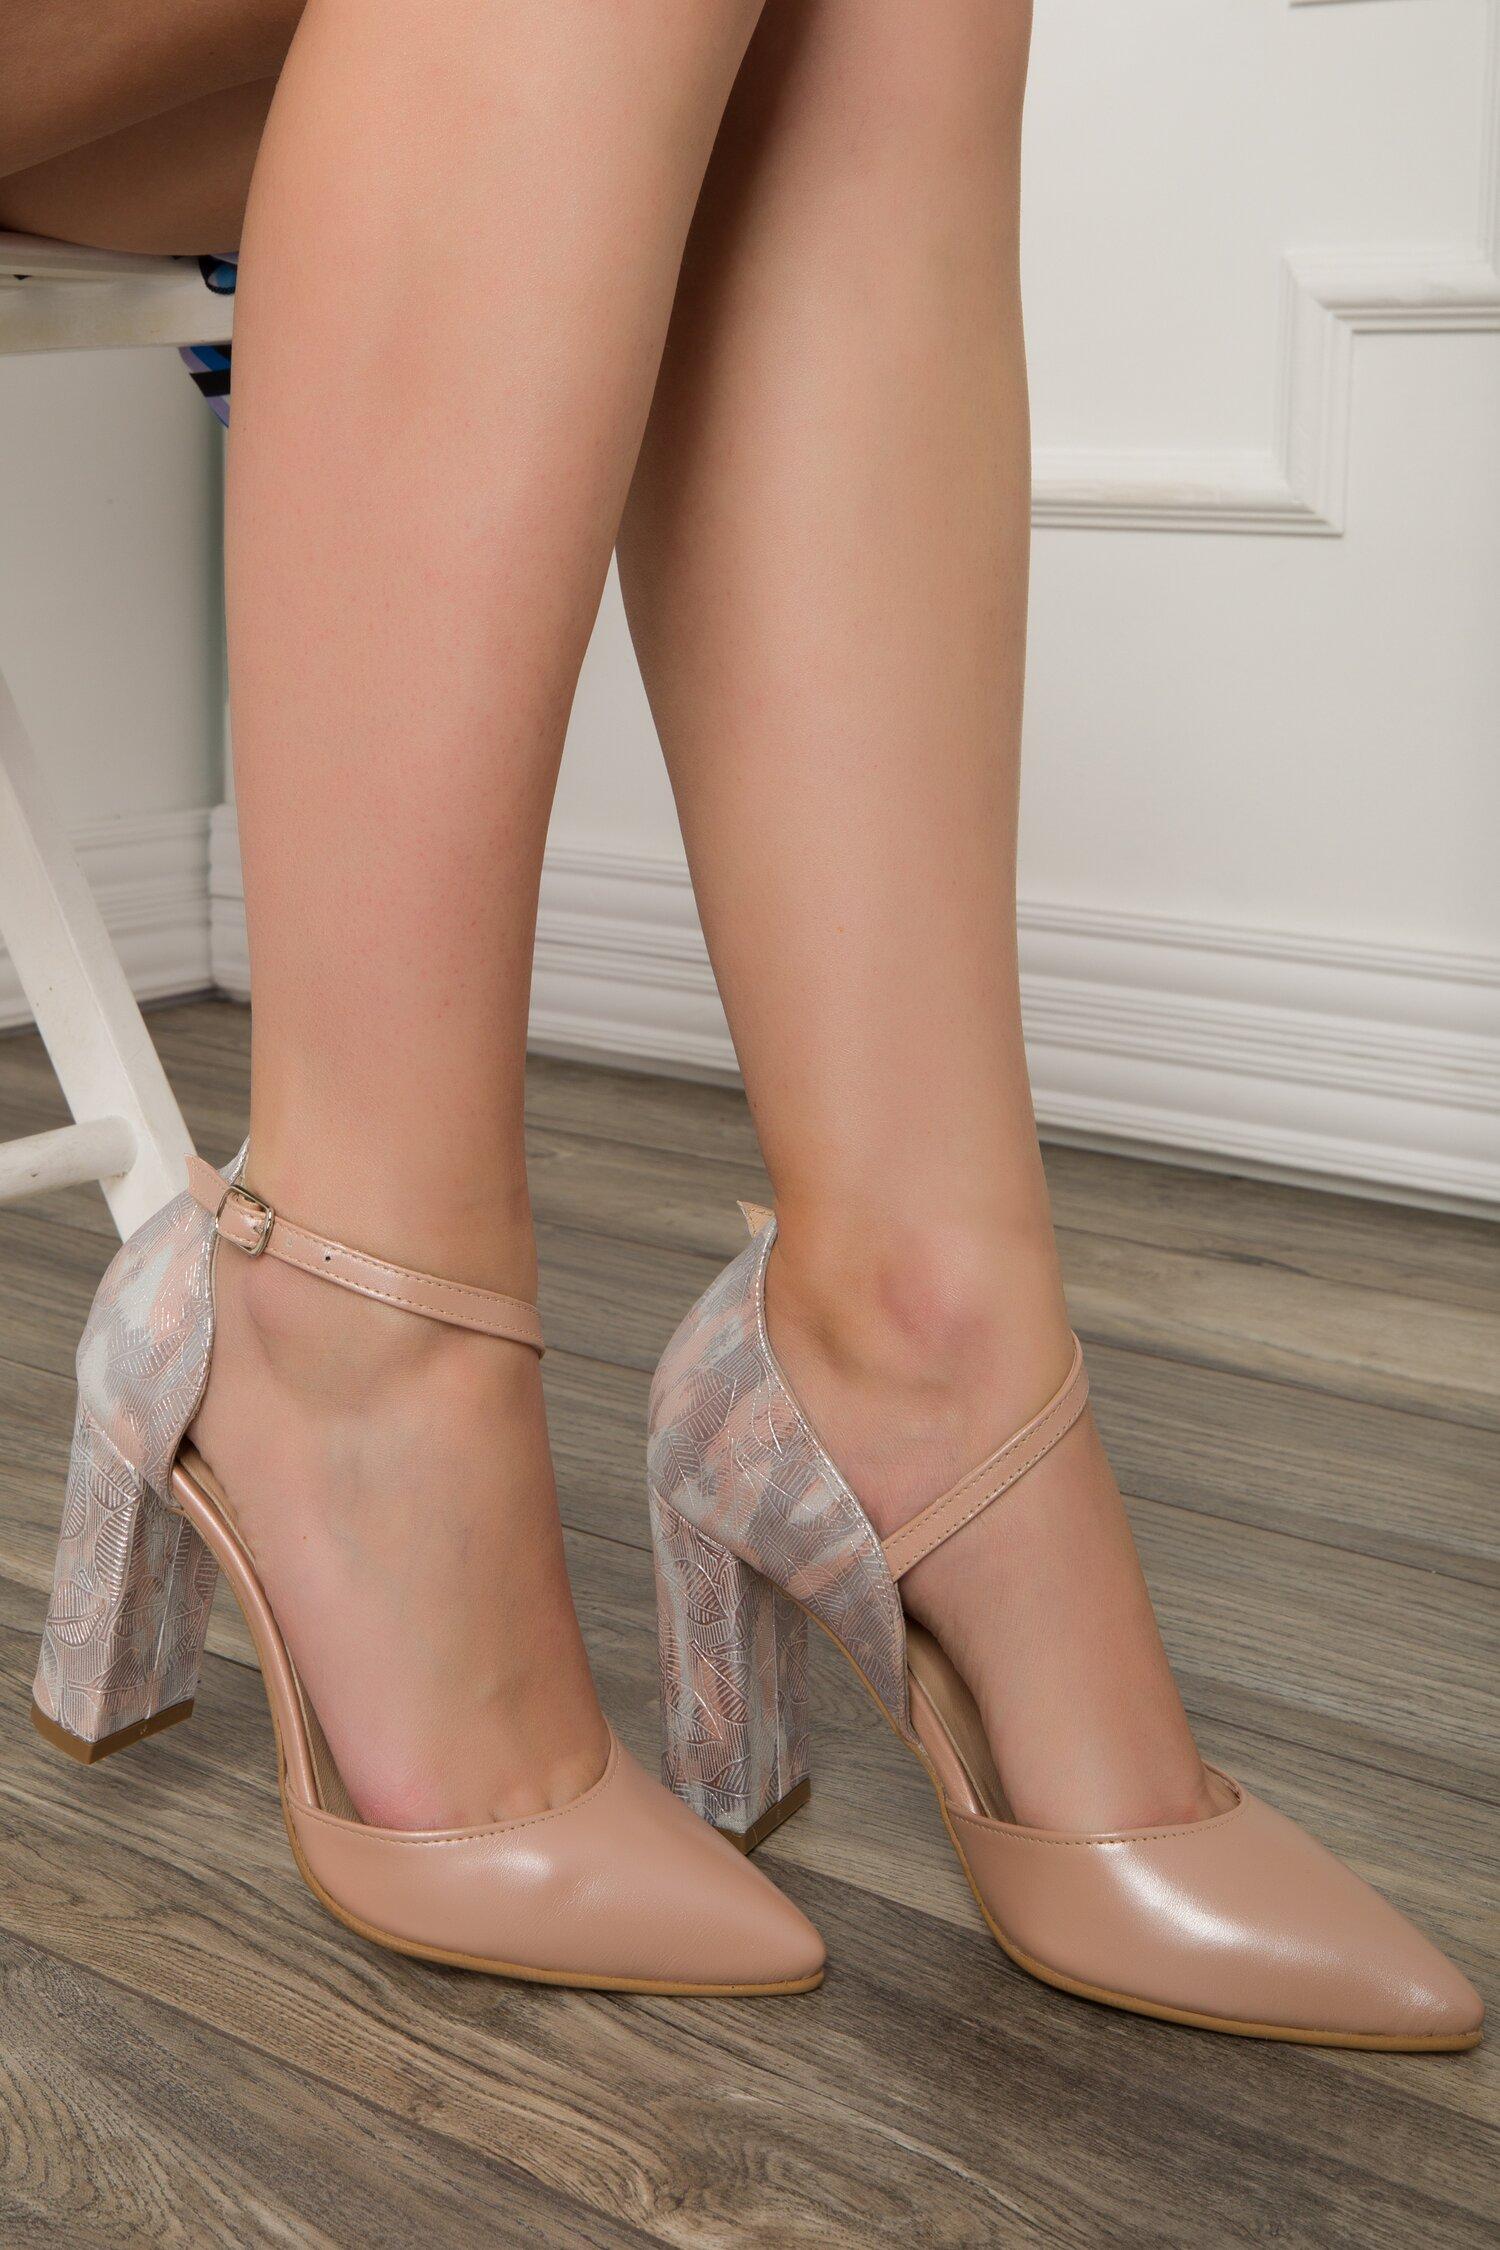 Pantofi decupati roz prafuit perlat cu imprimeu tip frunze cu reflexii metalizate